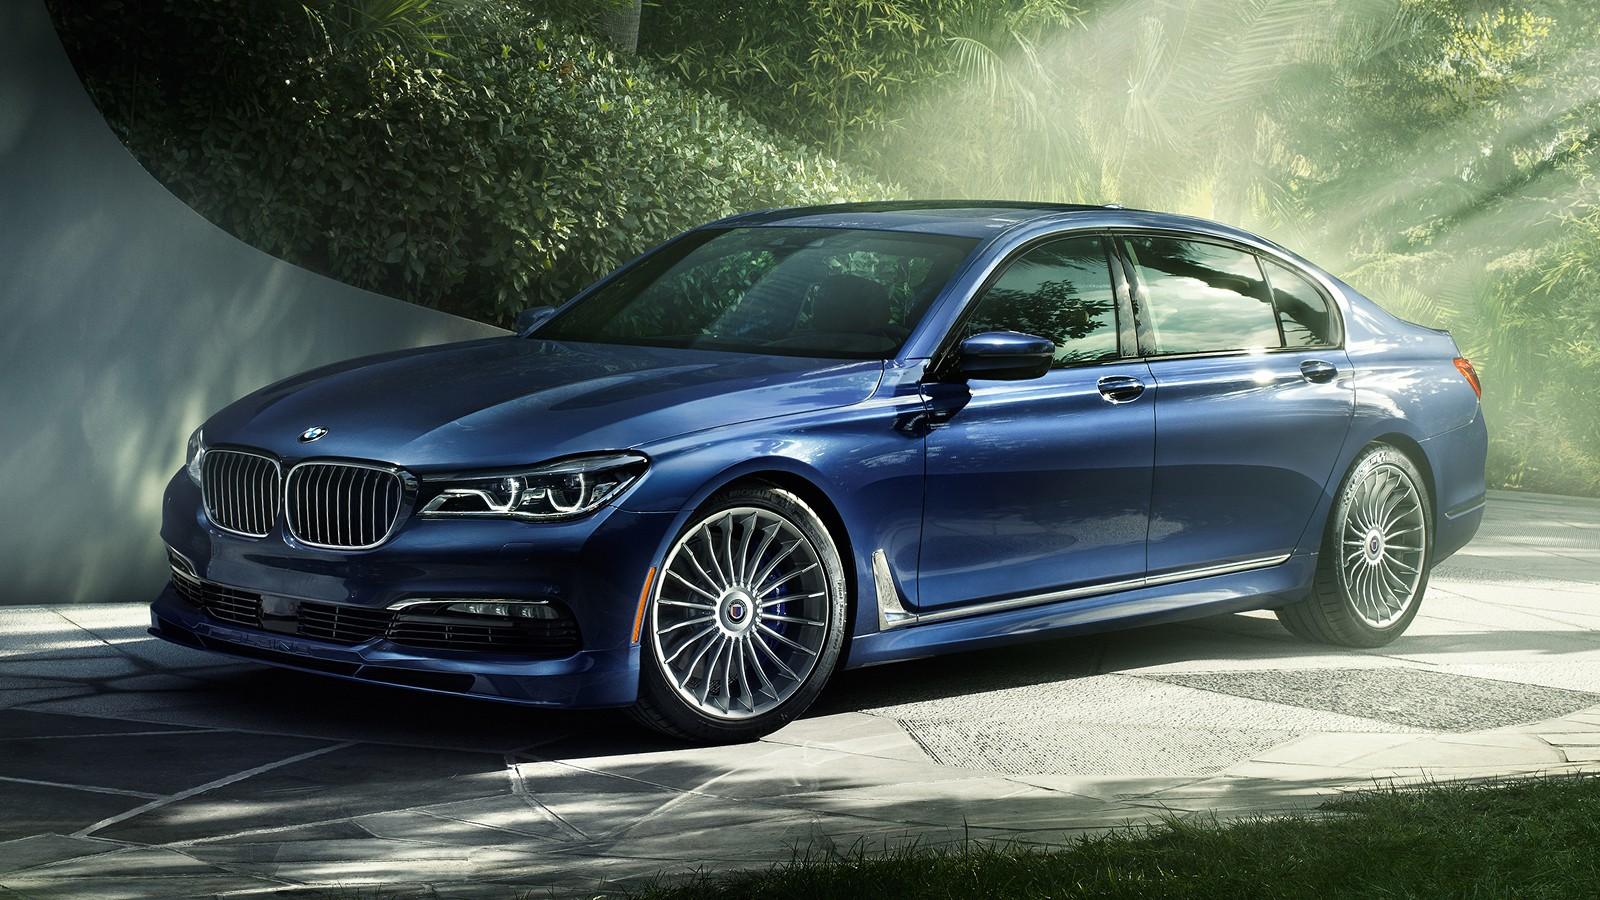 На фото: BMW Alpina B7 xDrive. V8 объёмом 4.4 литра выдаёт 608 л.с.